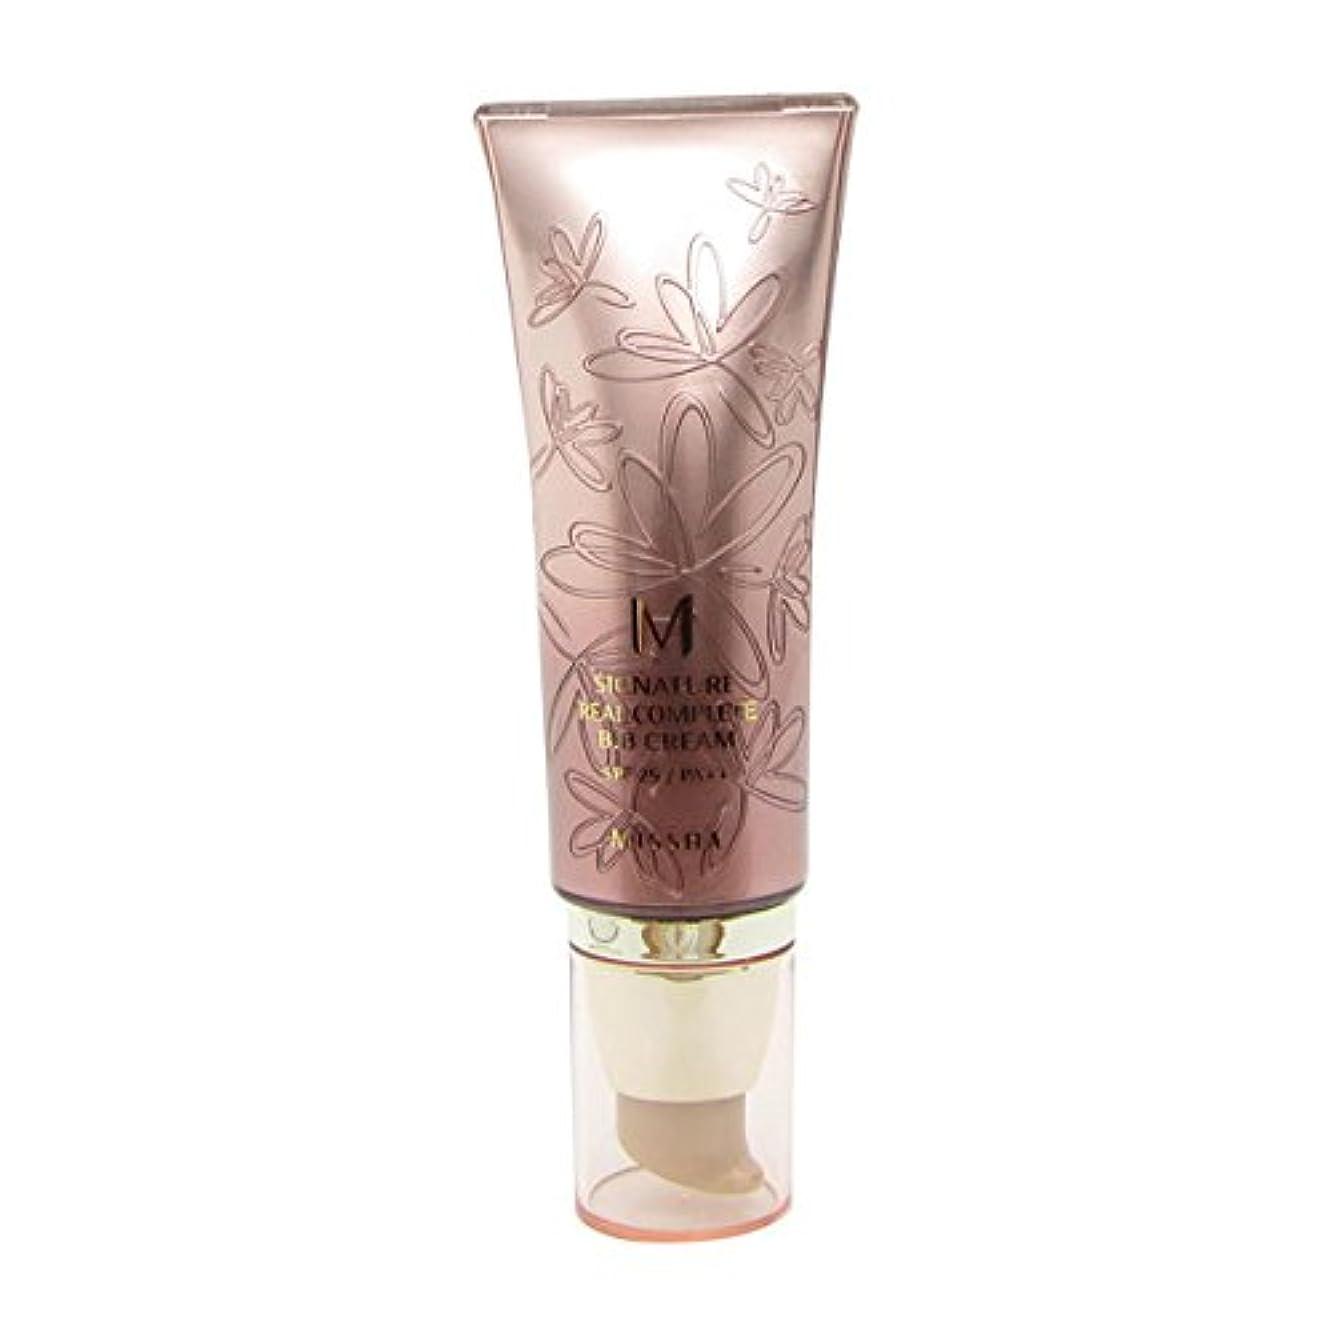 透過性伝染性の野心的Missha Signature Real Complete Bb Cream Fps25/pa++ No.13 Light Milky Beige 45g [並行輸入品]